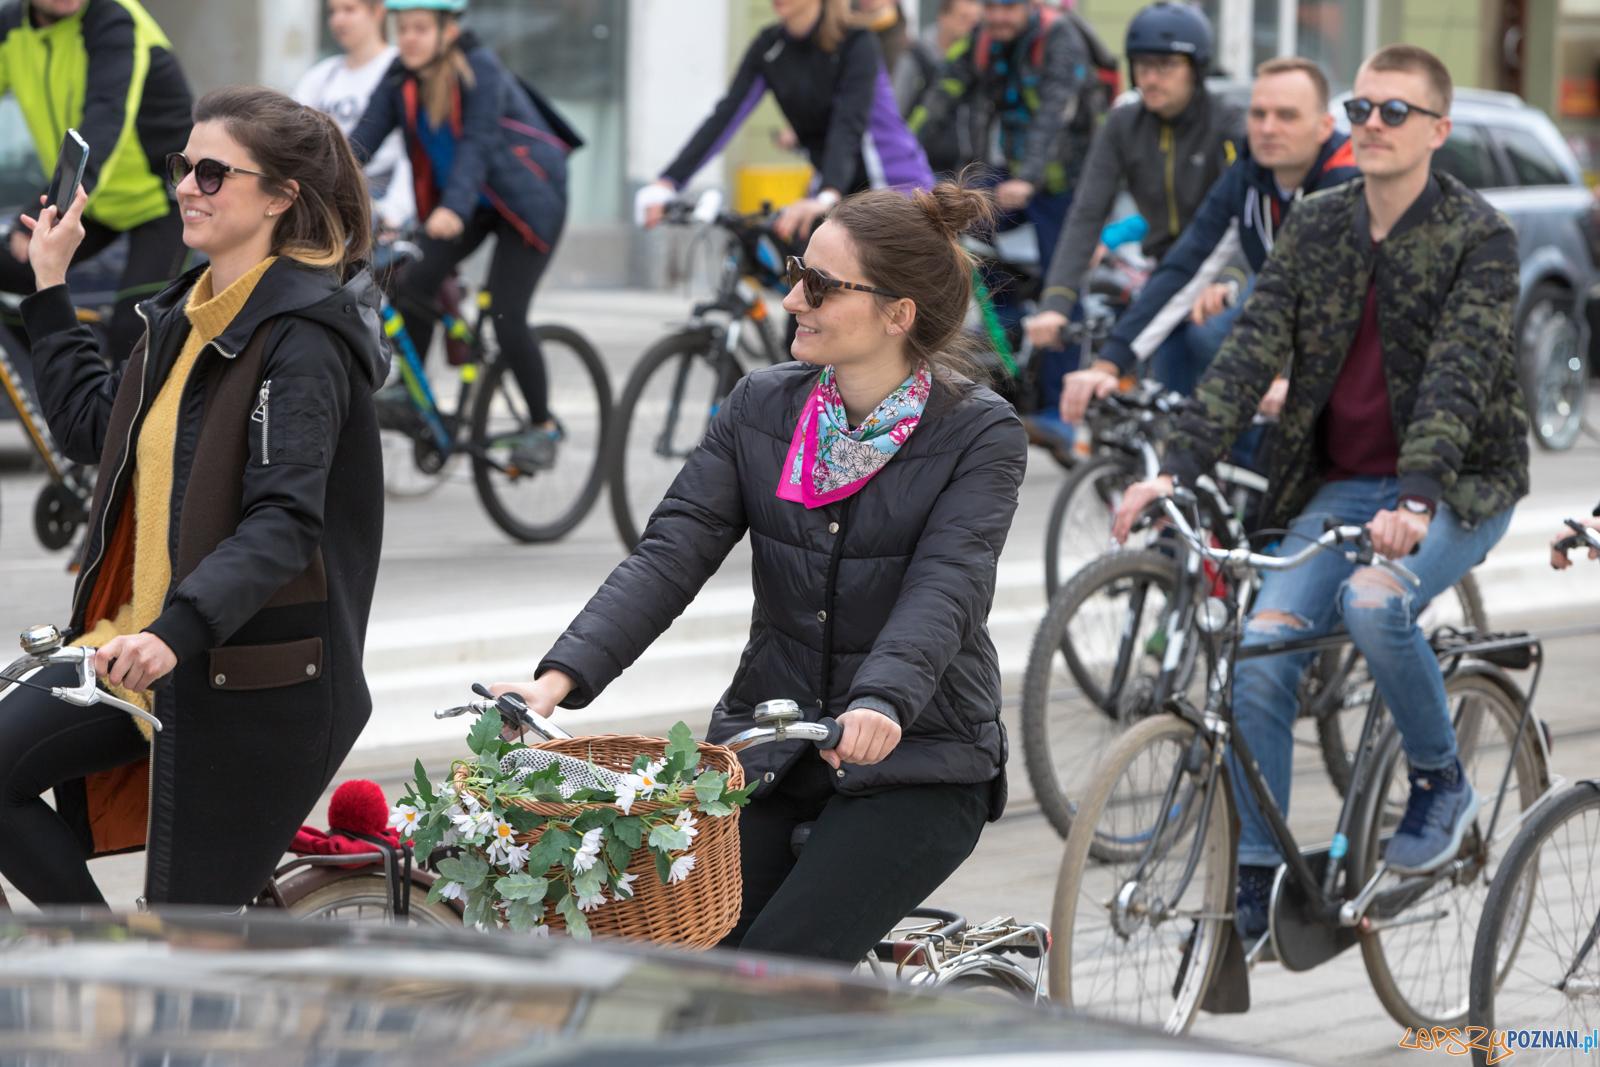 Pogrzeb Zimy i Rowerowe Powitanie Wiosny  Foto: lepszyPOZNAN.pl/Piotr Rychter